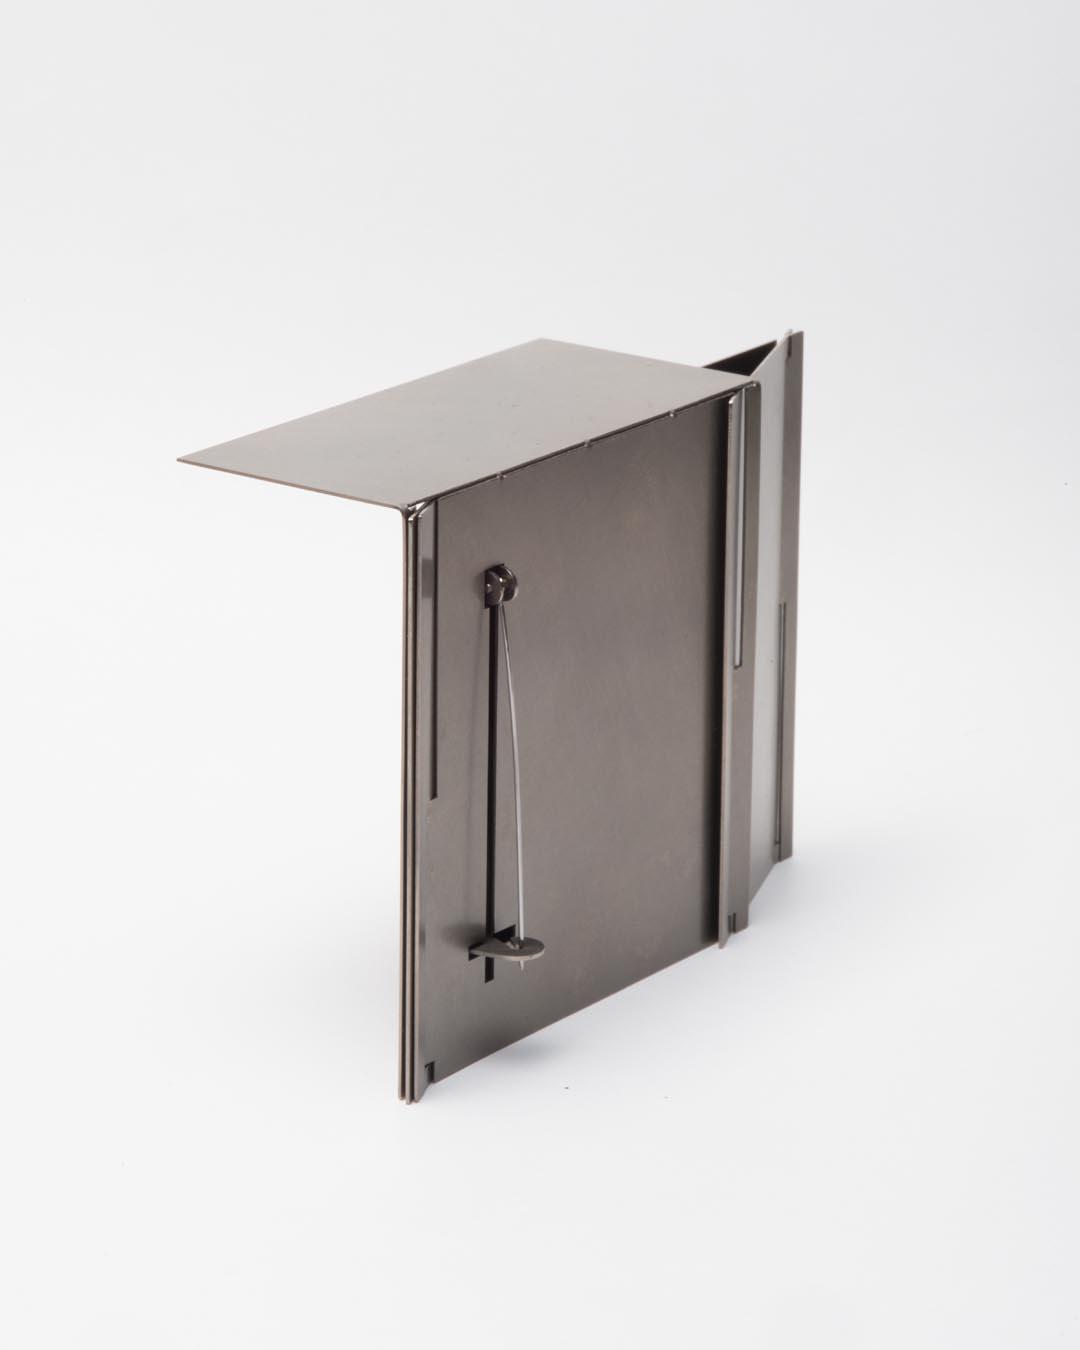 Junwon Jung, untitled, 2019, brooch; galvanised steel, wood, 75 x 75 x 40 mm, €2450 (image 2/2)